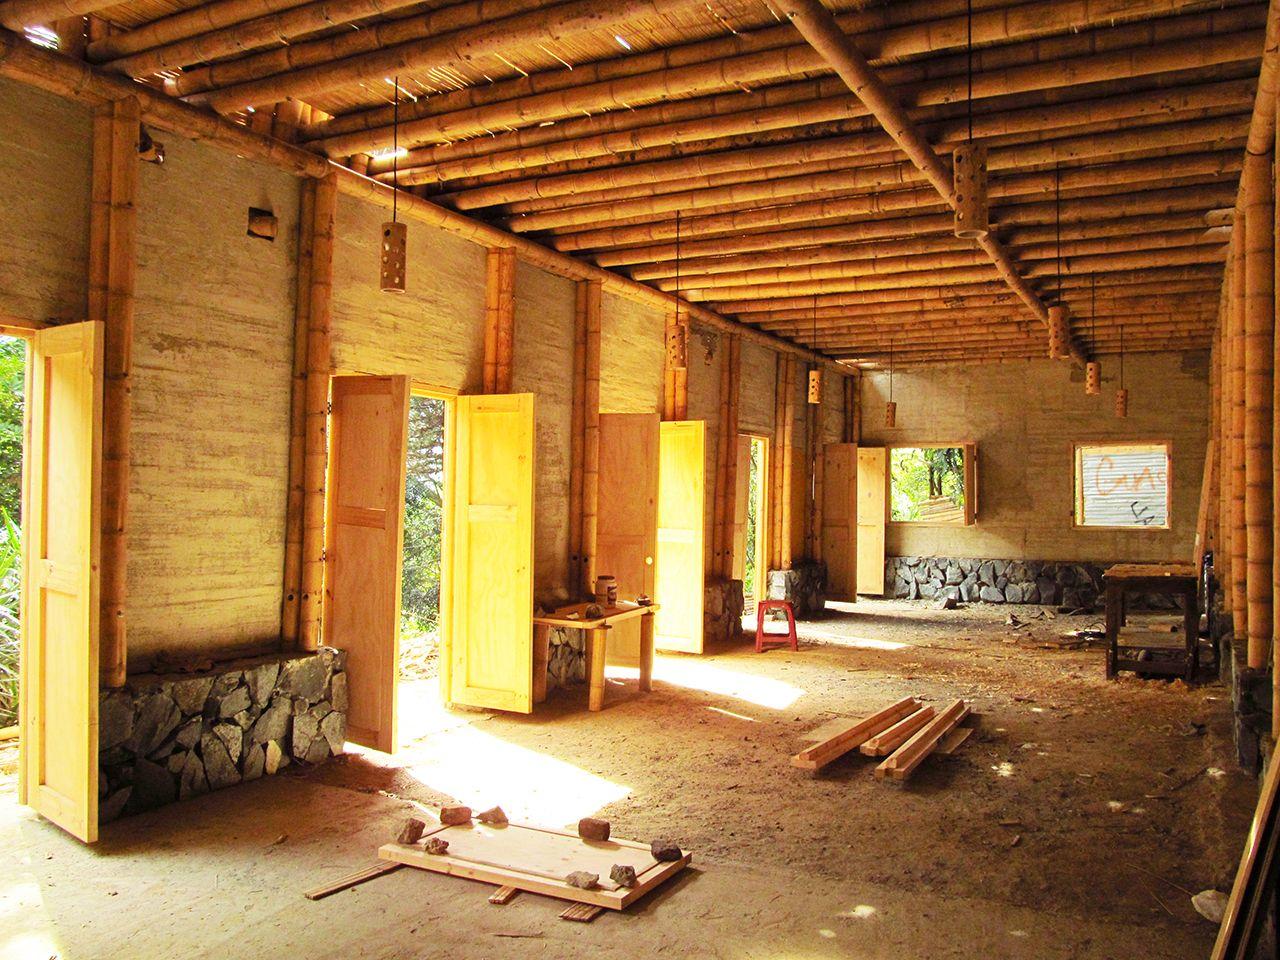 Galera de Cali Colombia Escuela de Bamb inicia campaa para finalizar su construccin  21